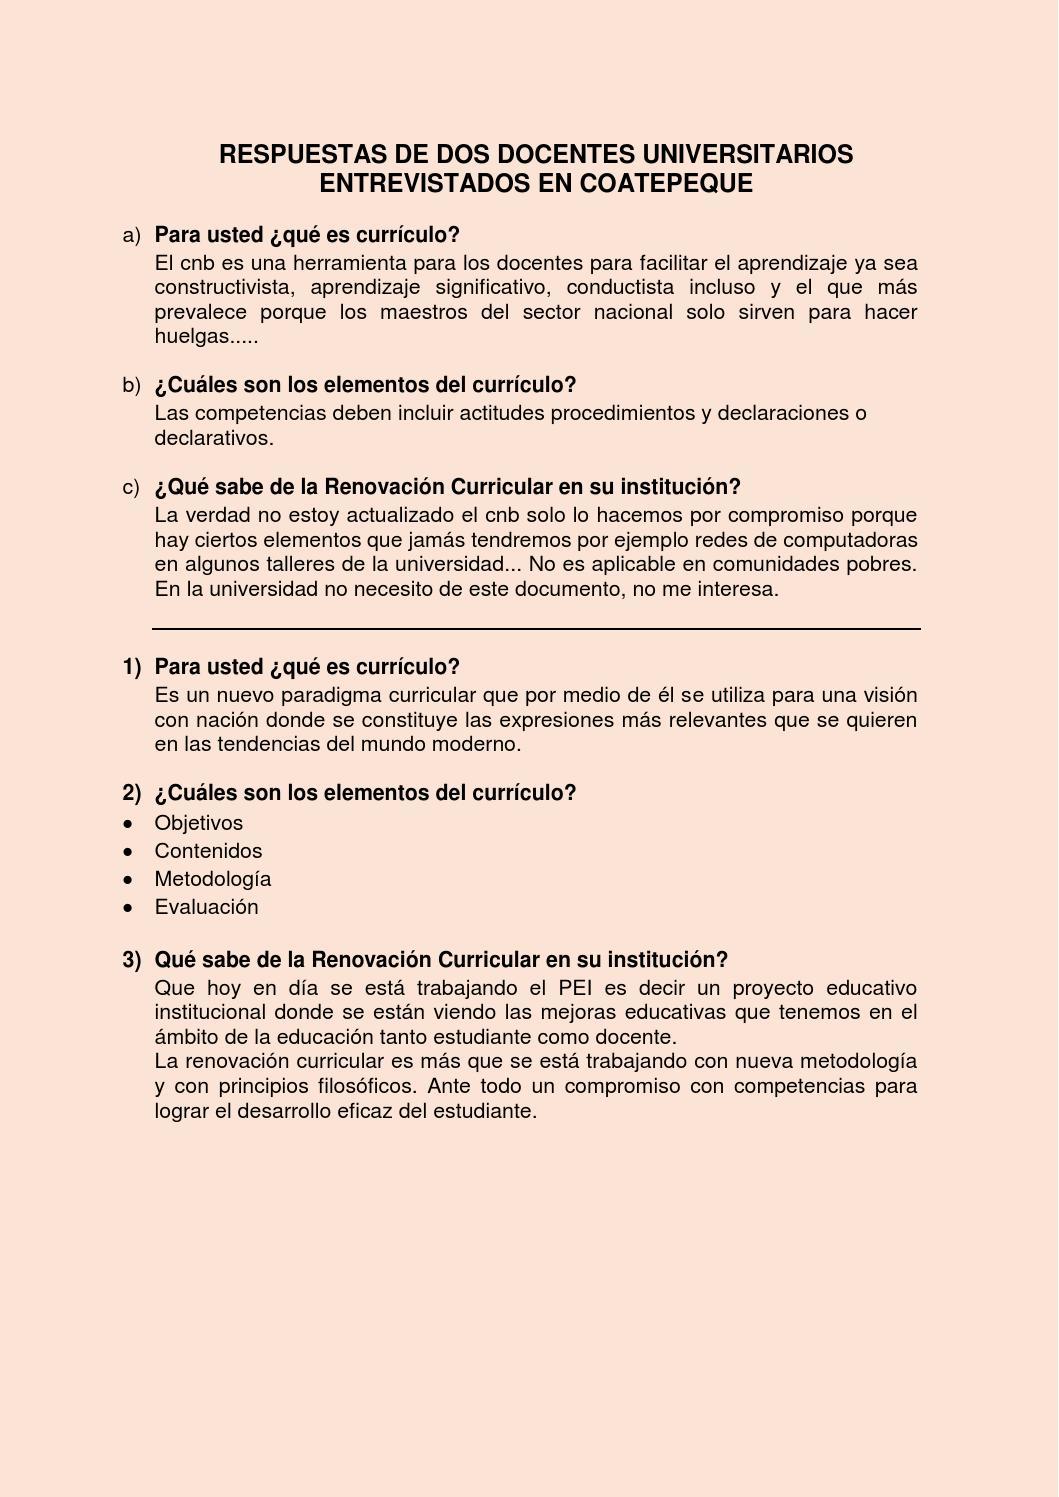 Lujo Un Buen Objetivo De Currículum Para Un Estudiante Universitario ...